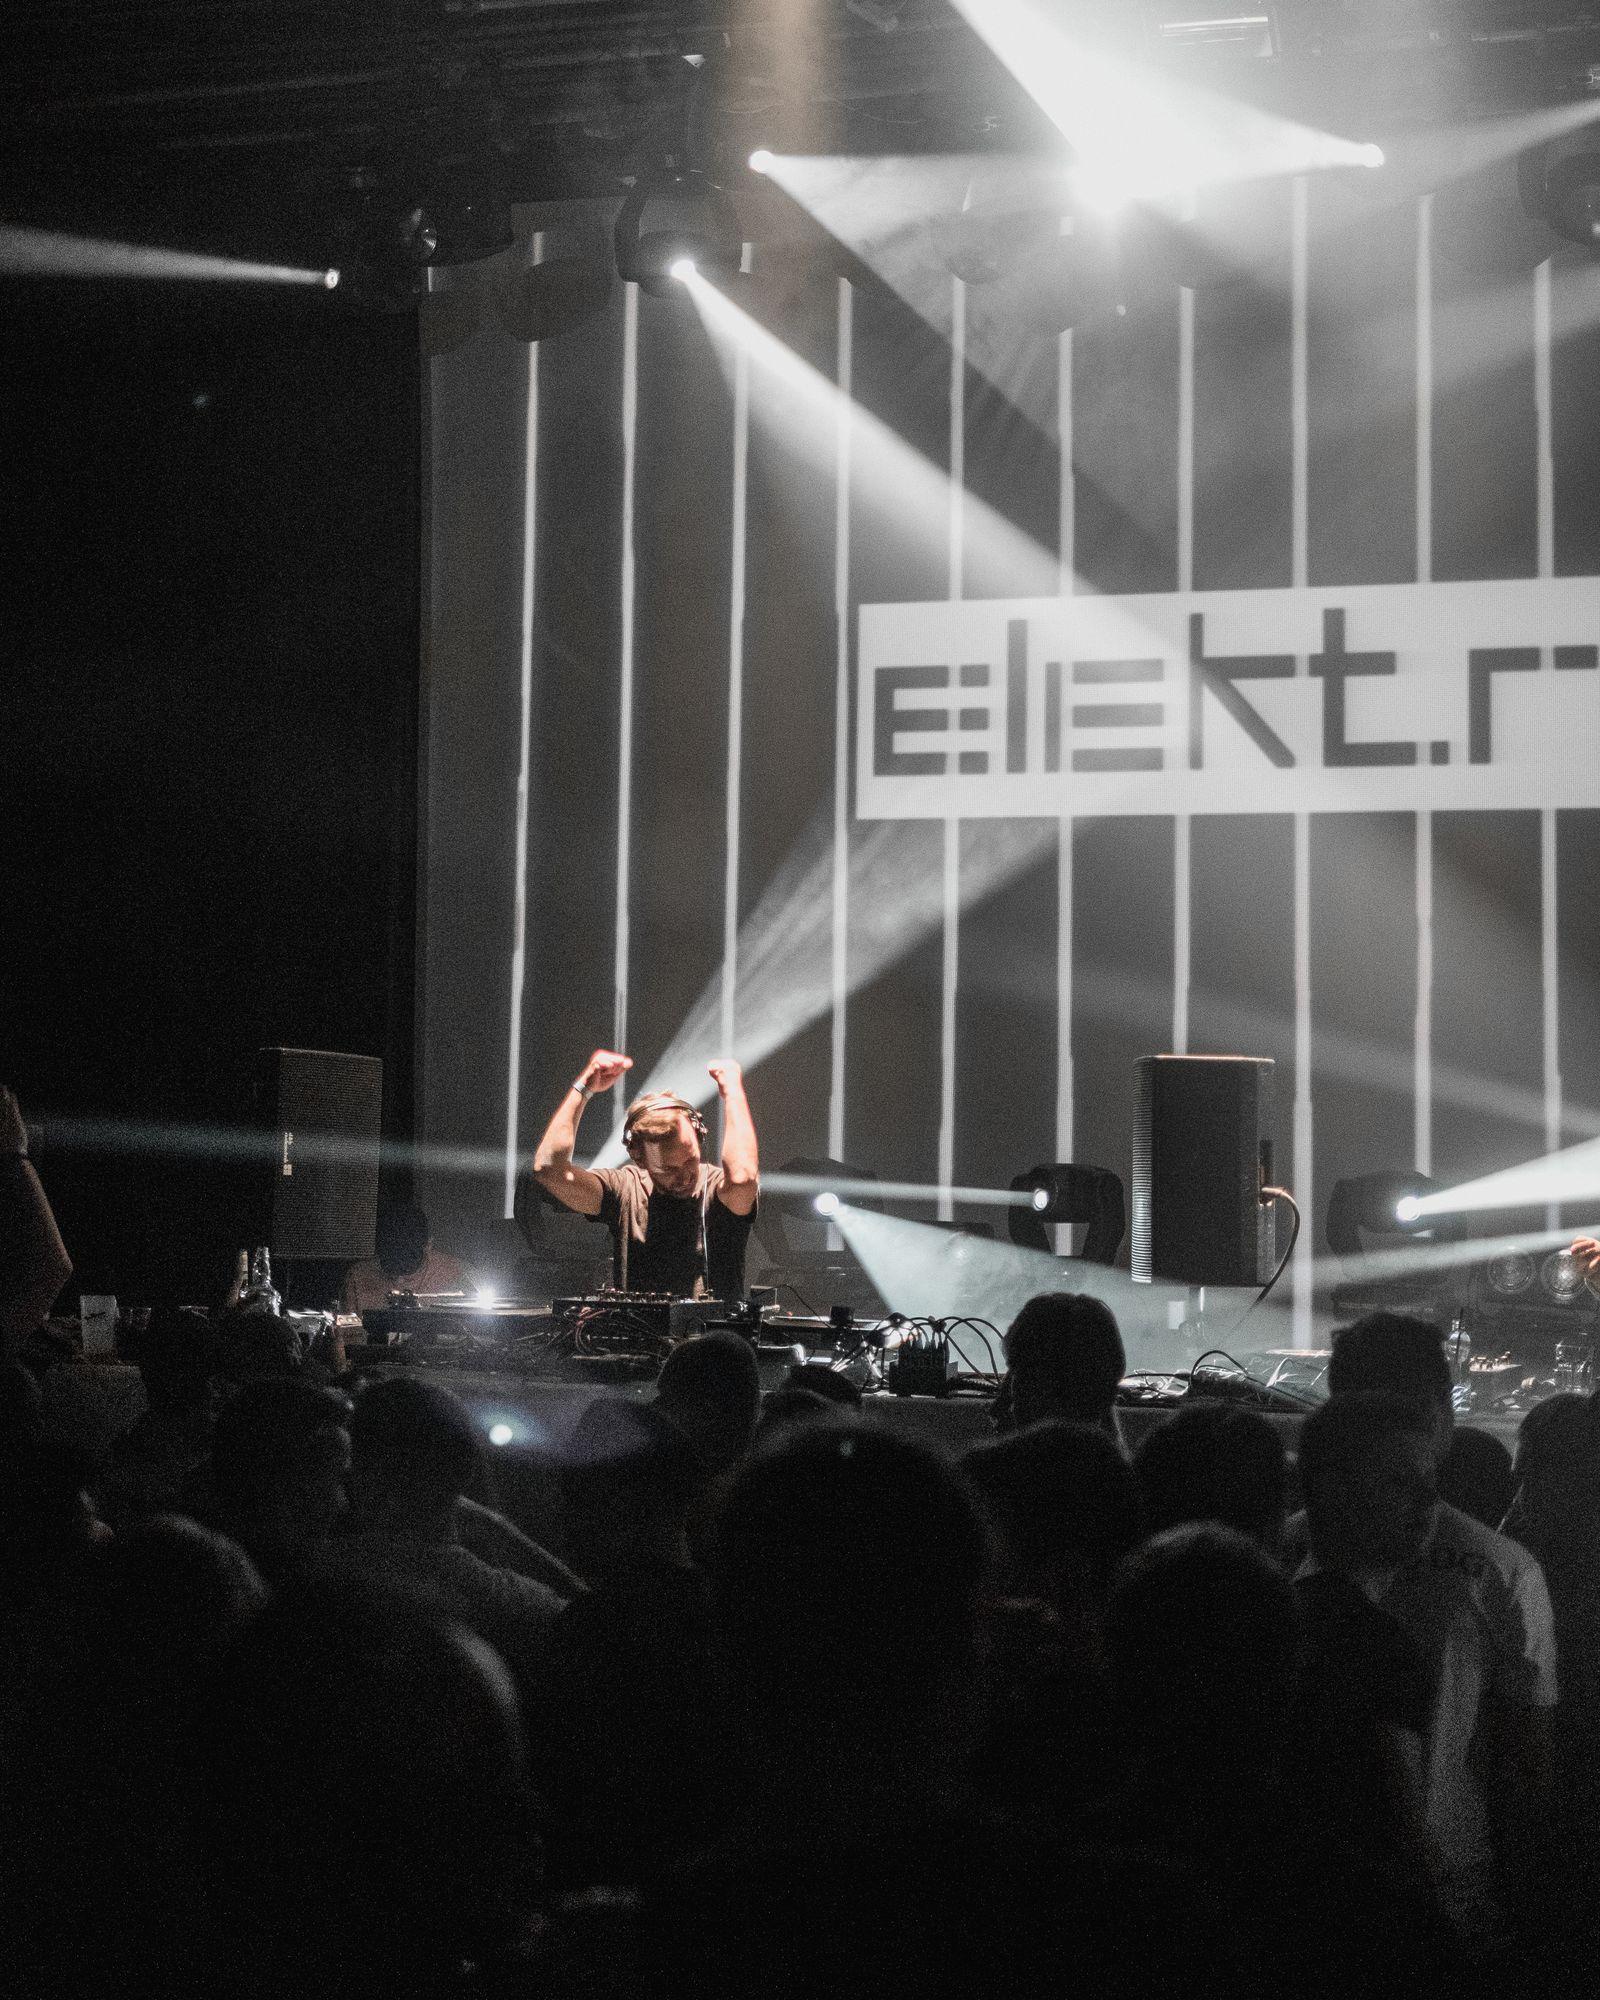 elektra-27-of-55-.jpg